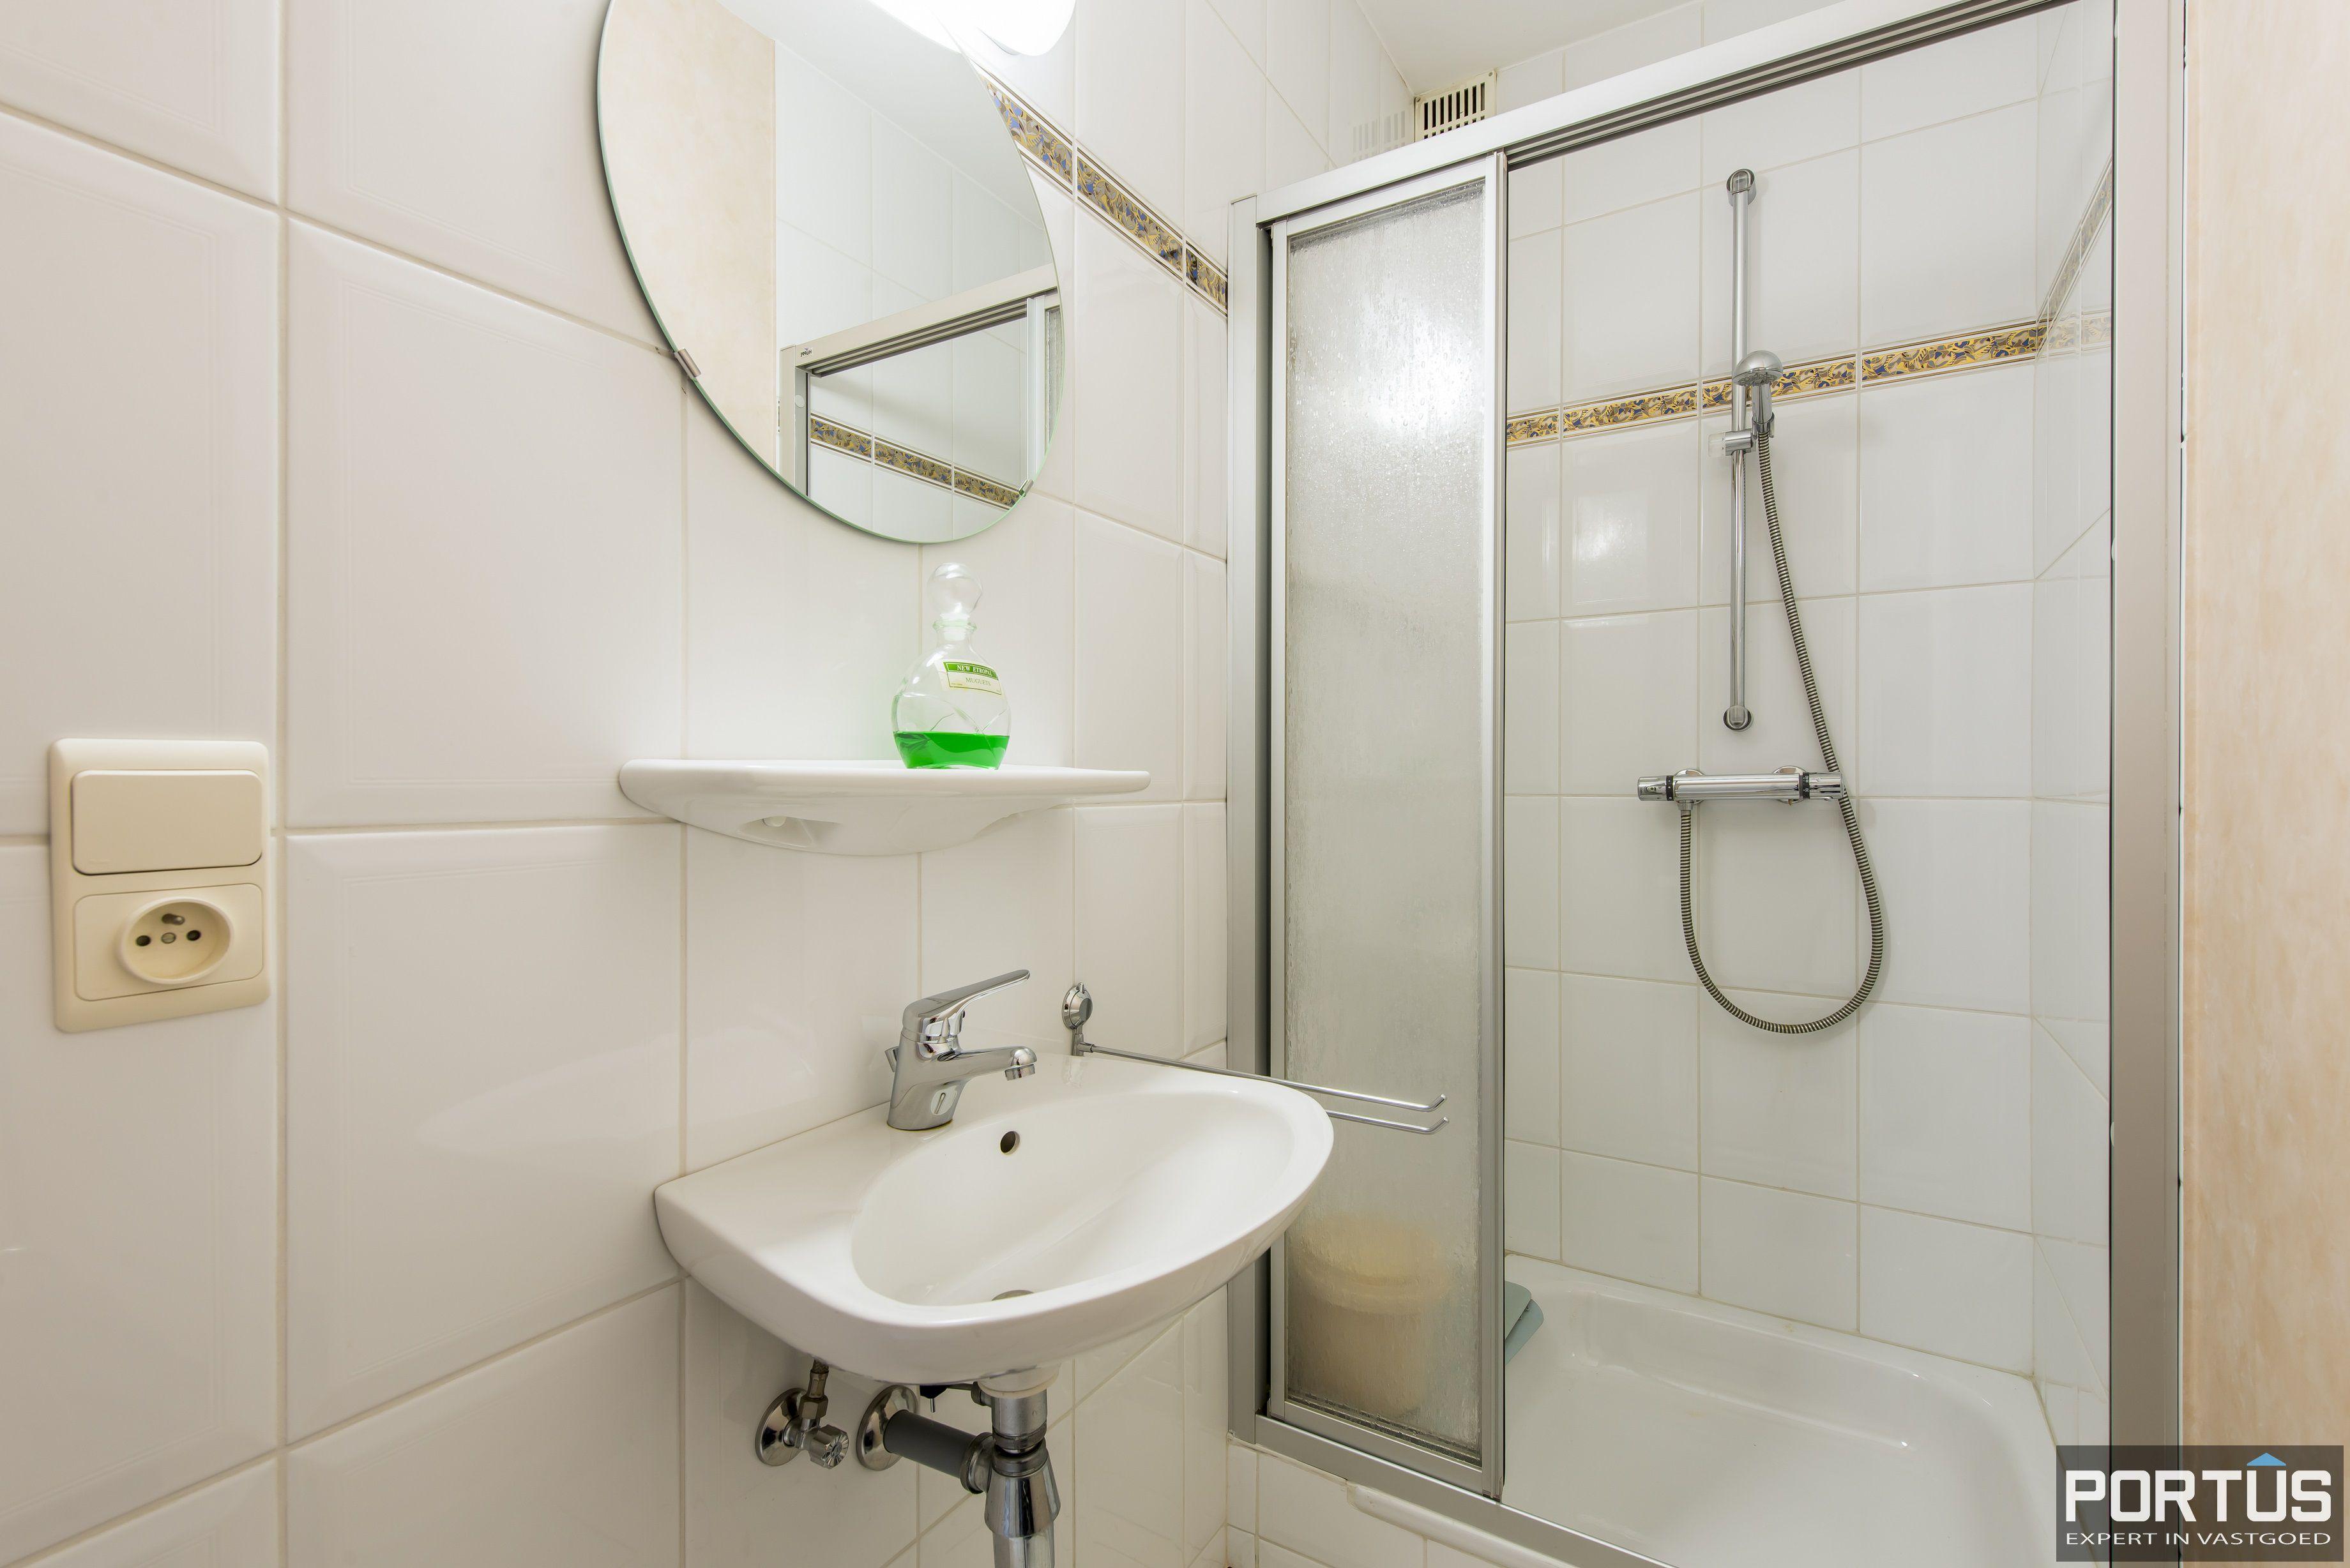 Ruim appartement met 3 slaapkamers te koop te Nieuwpoort-Stad - 11314